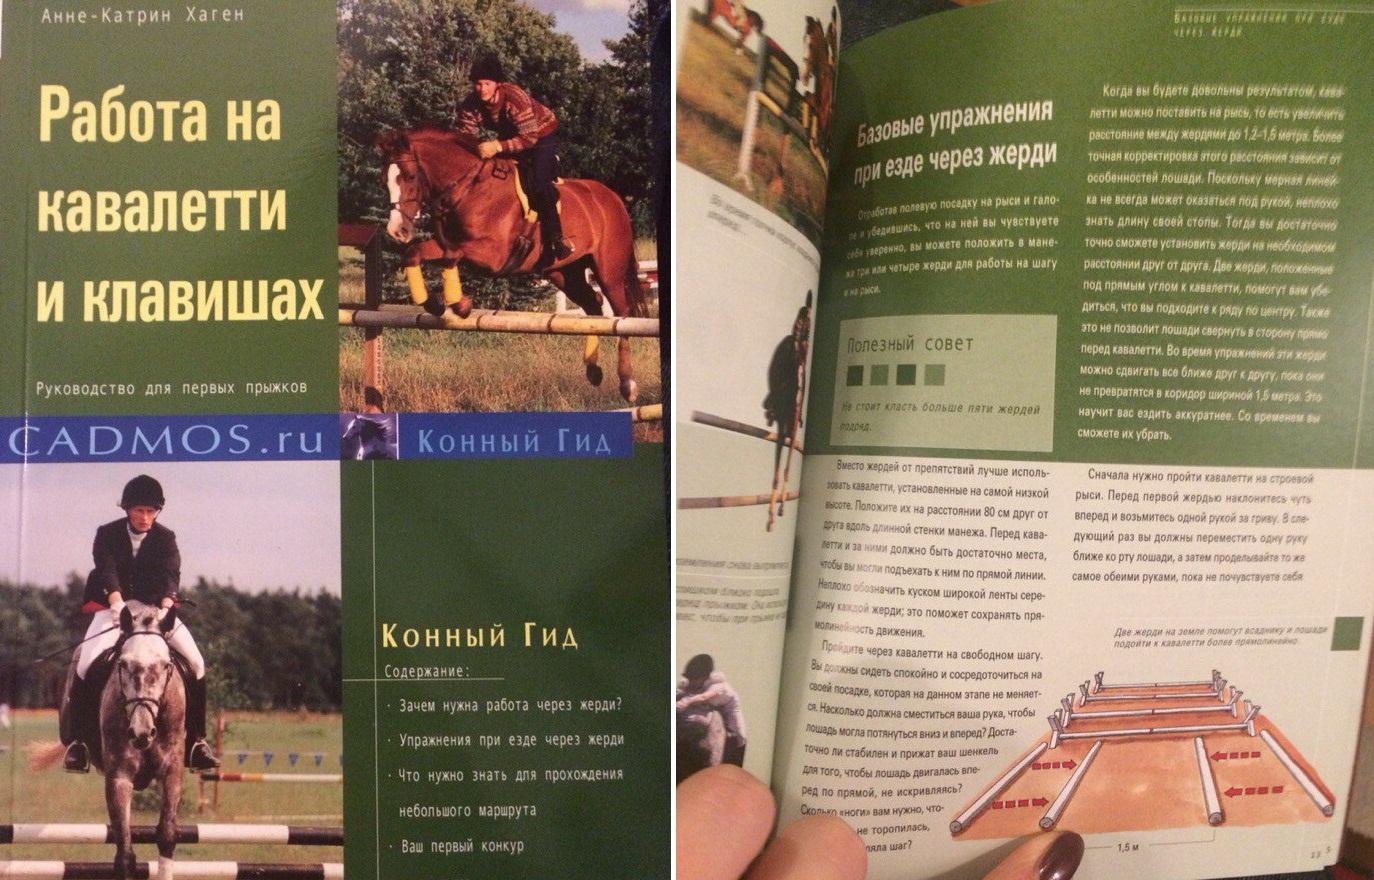 Рождественский конкурс от EquiLife.ru - фото Vi6cv1bLoMk, главная Разное , конный журнал EquiLIfe